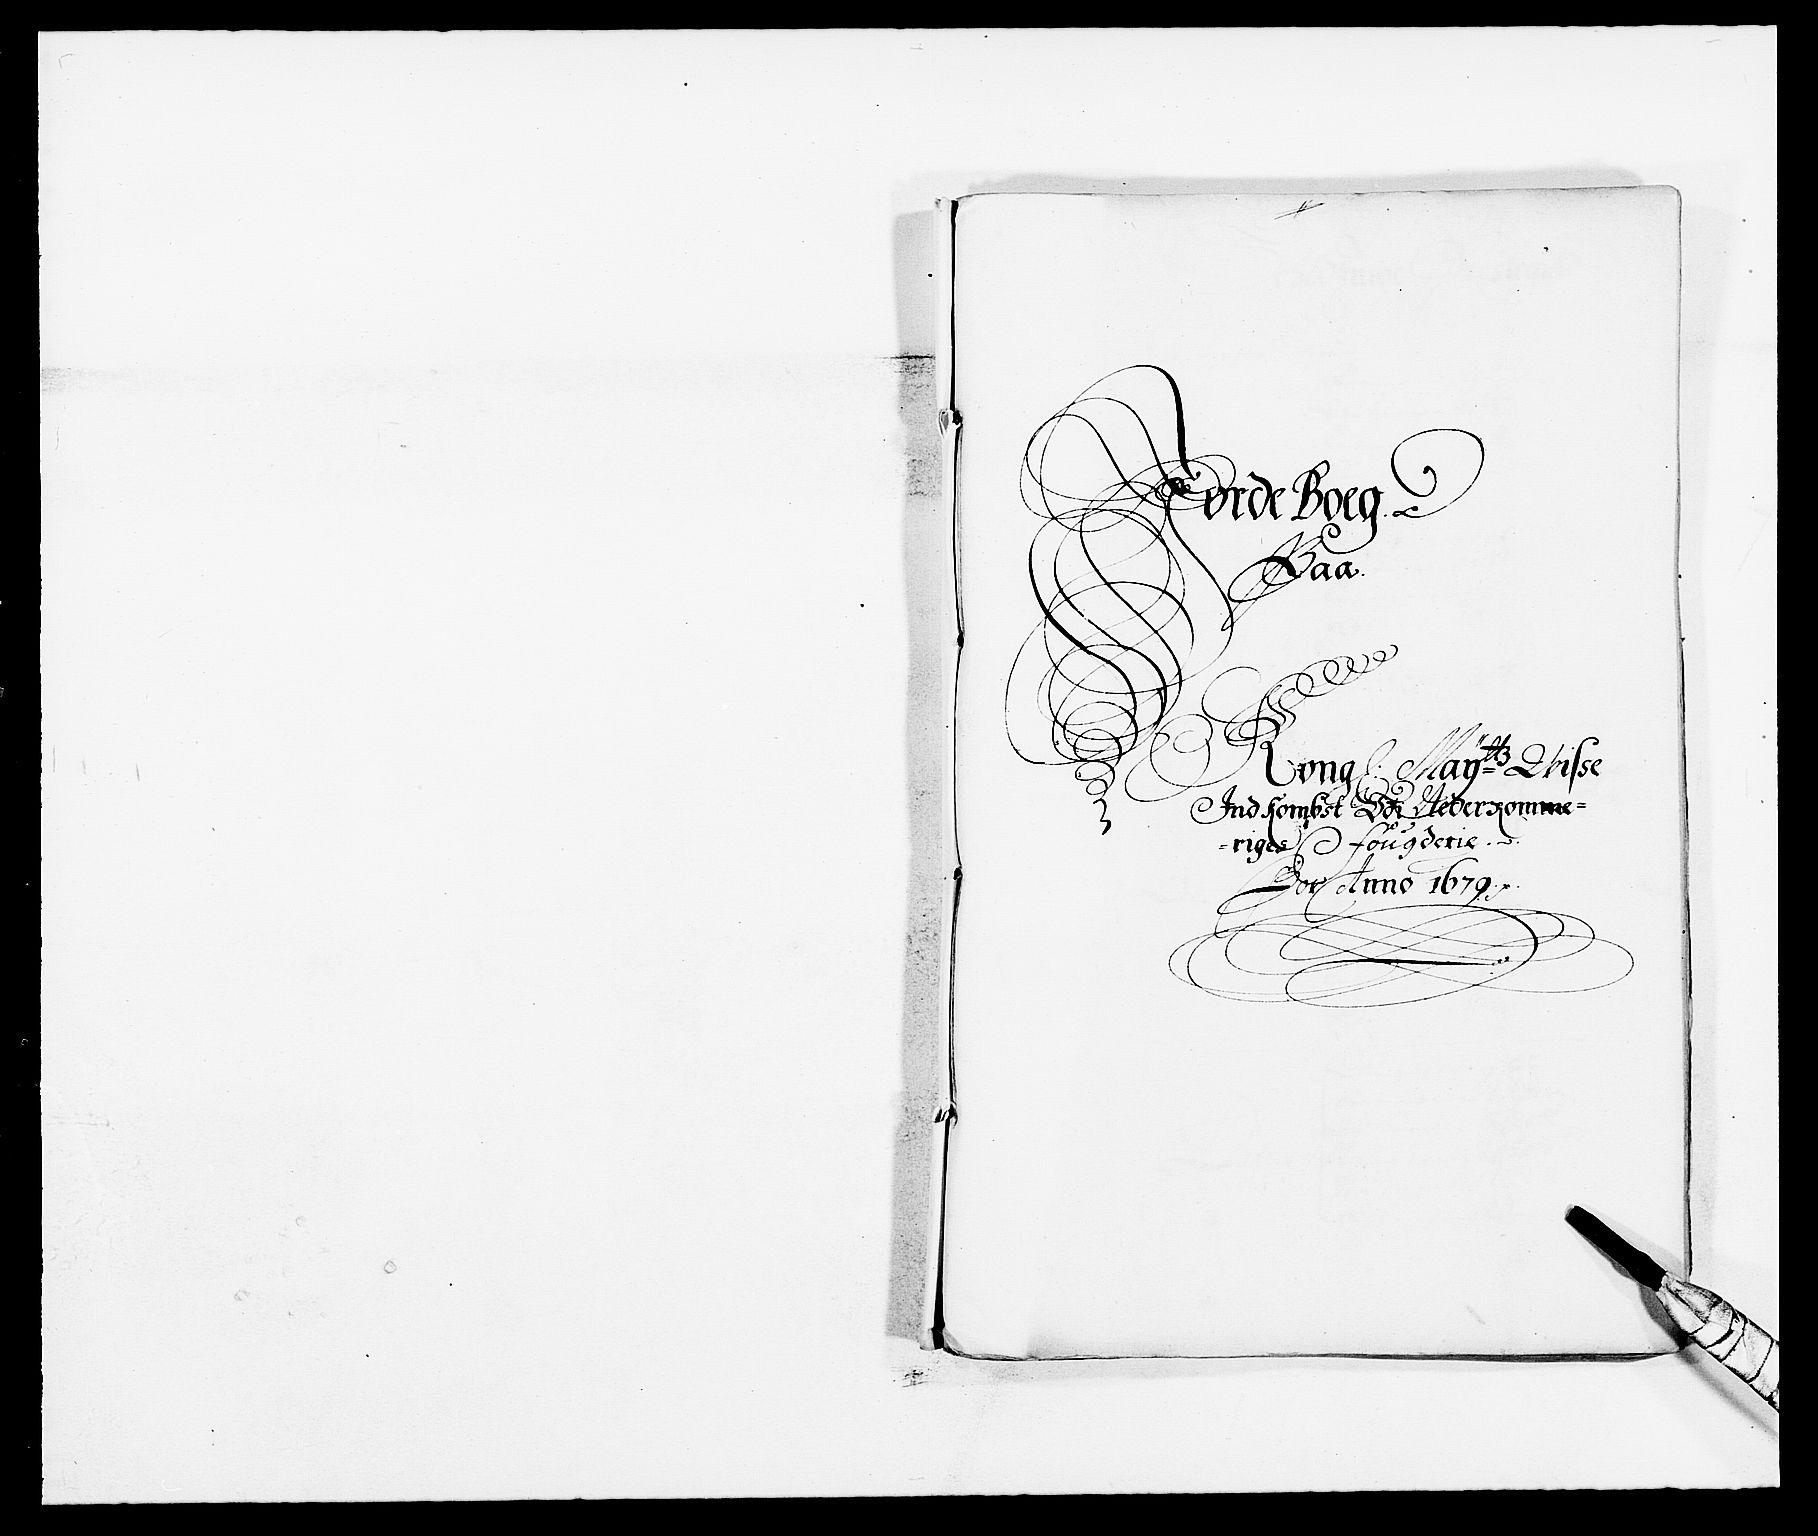 RA, Rentekammeret inntil 1814, Reviderte regnskaper, Fogderegnskap, R11/L0568: Fogderegnskap Nedre Romerike, 1679, s. 123